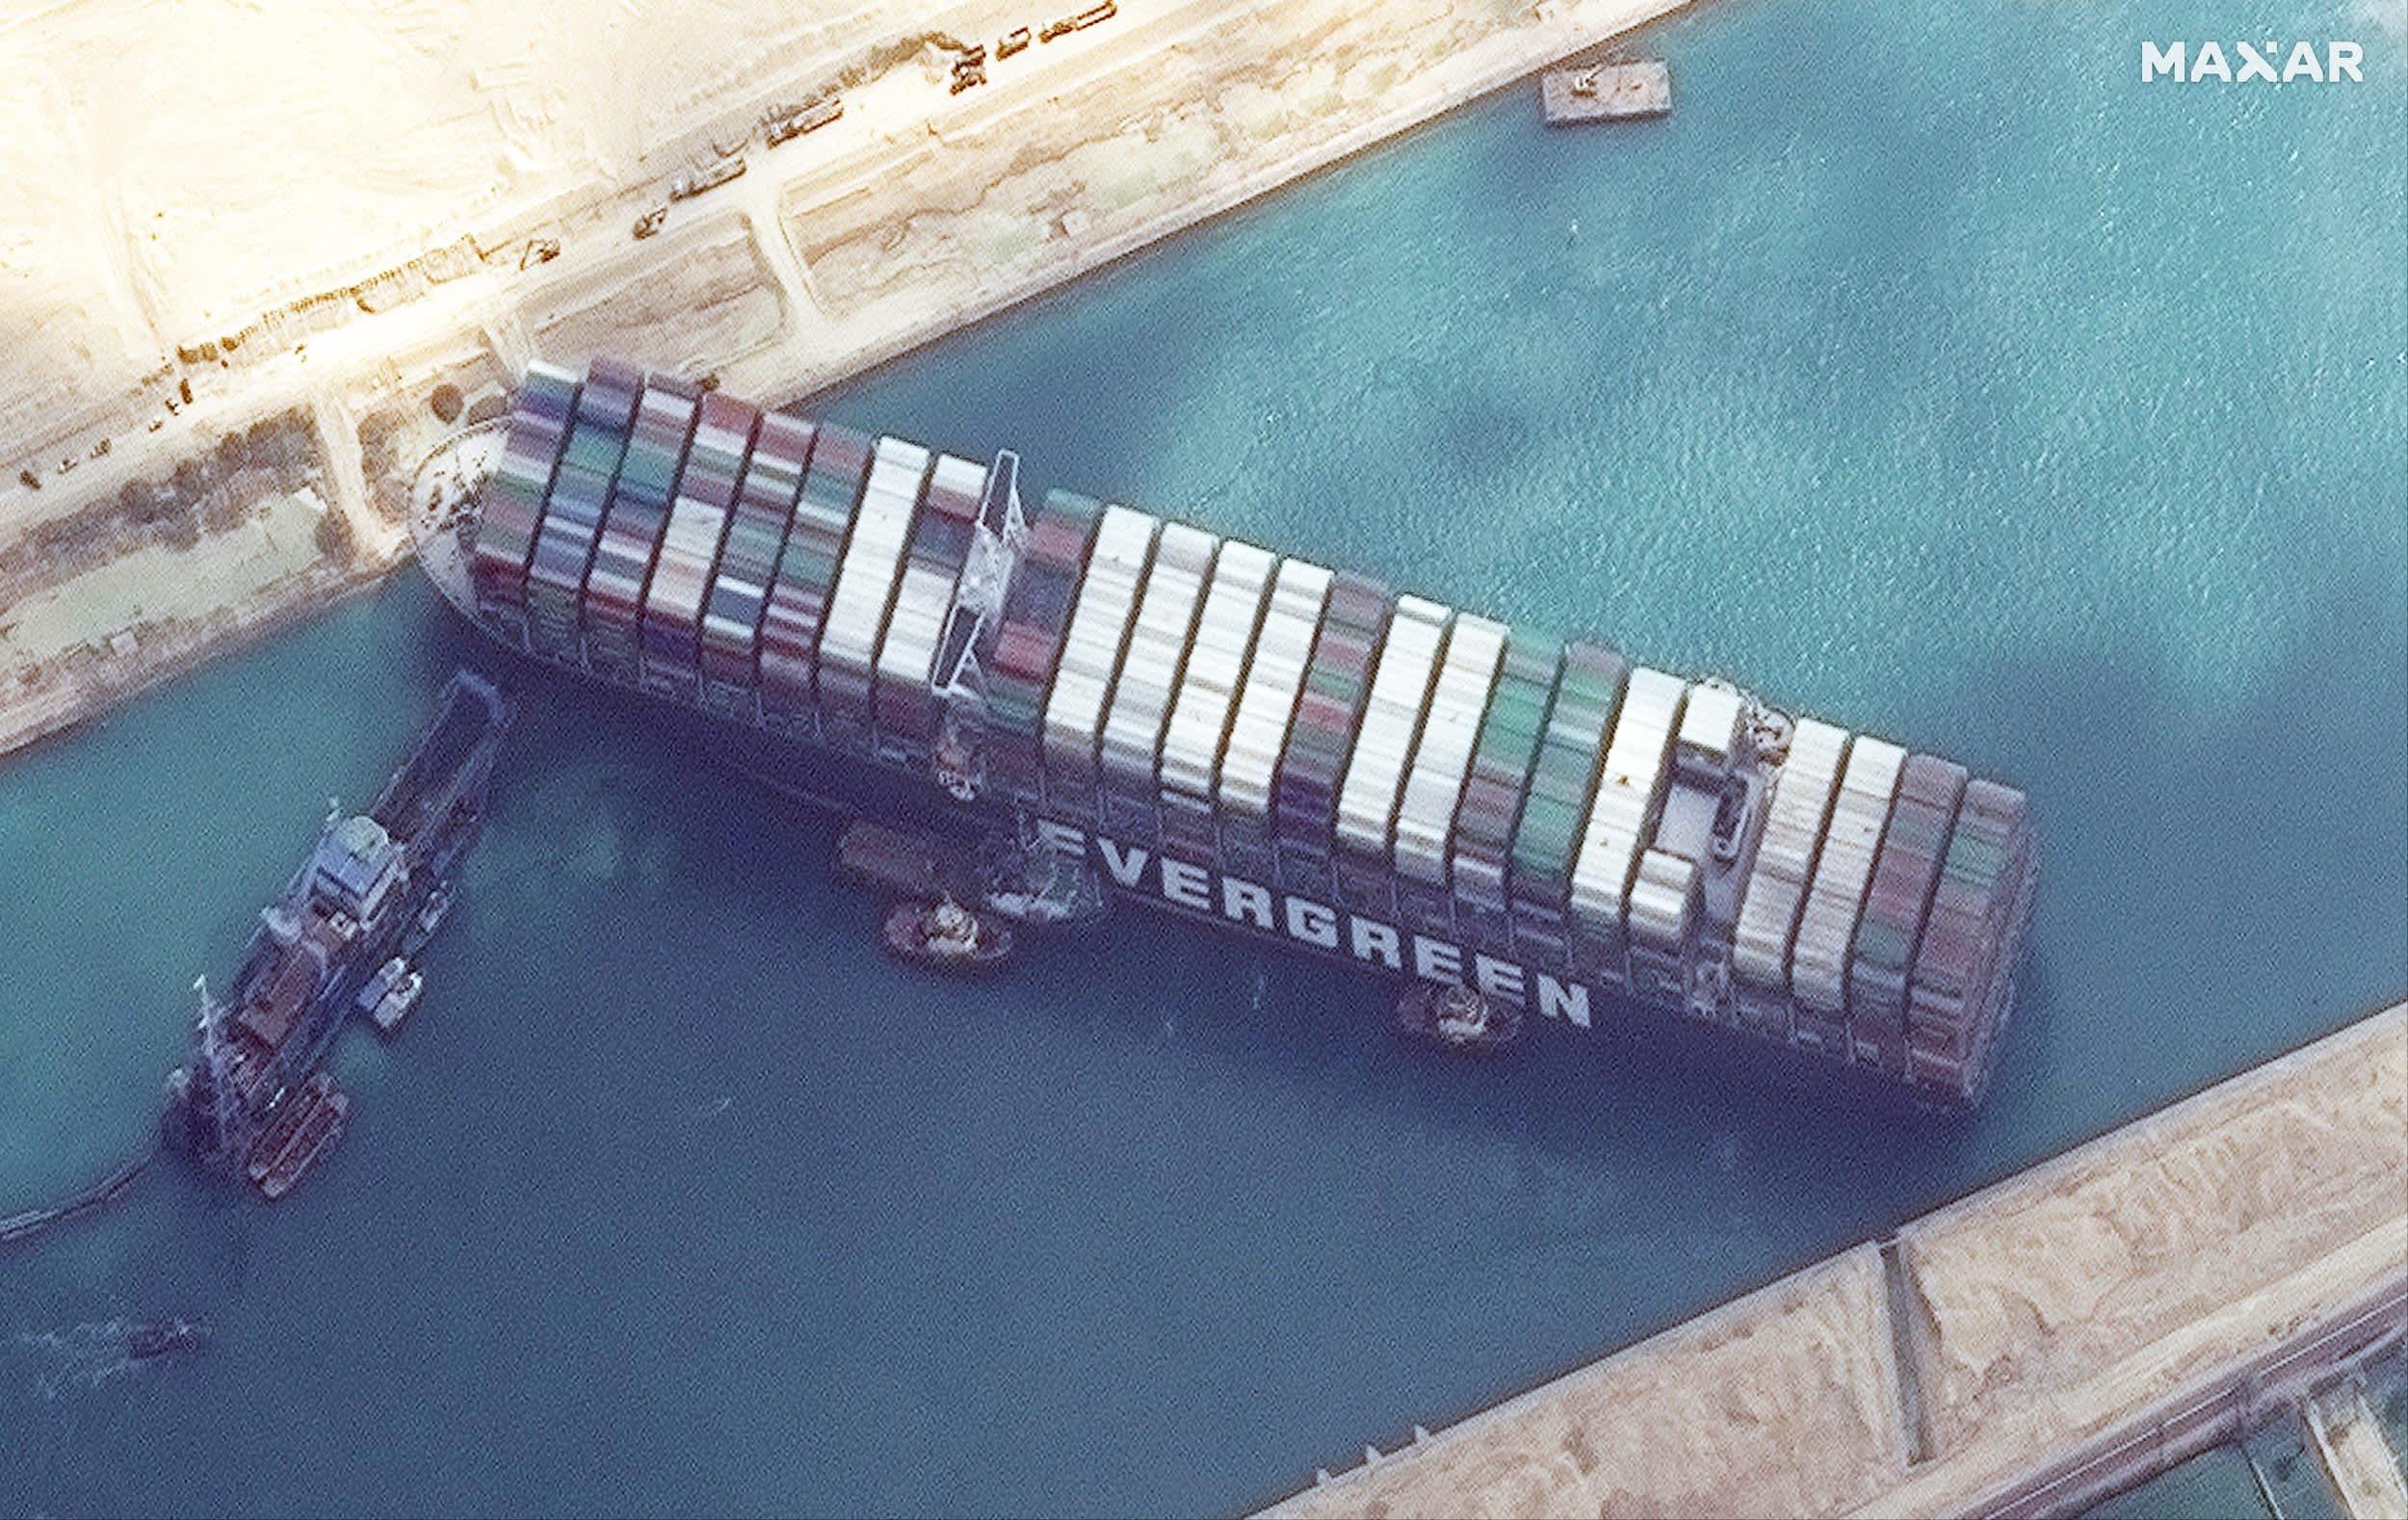 Navio encalhado no canal do suez